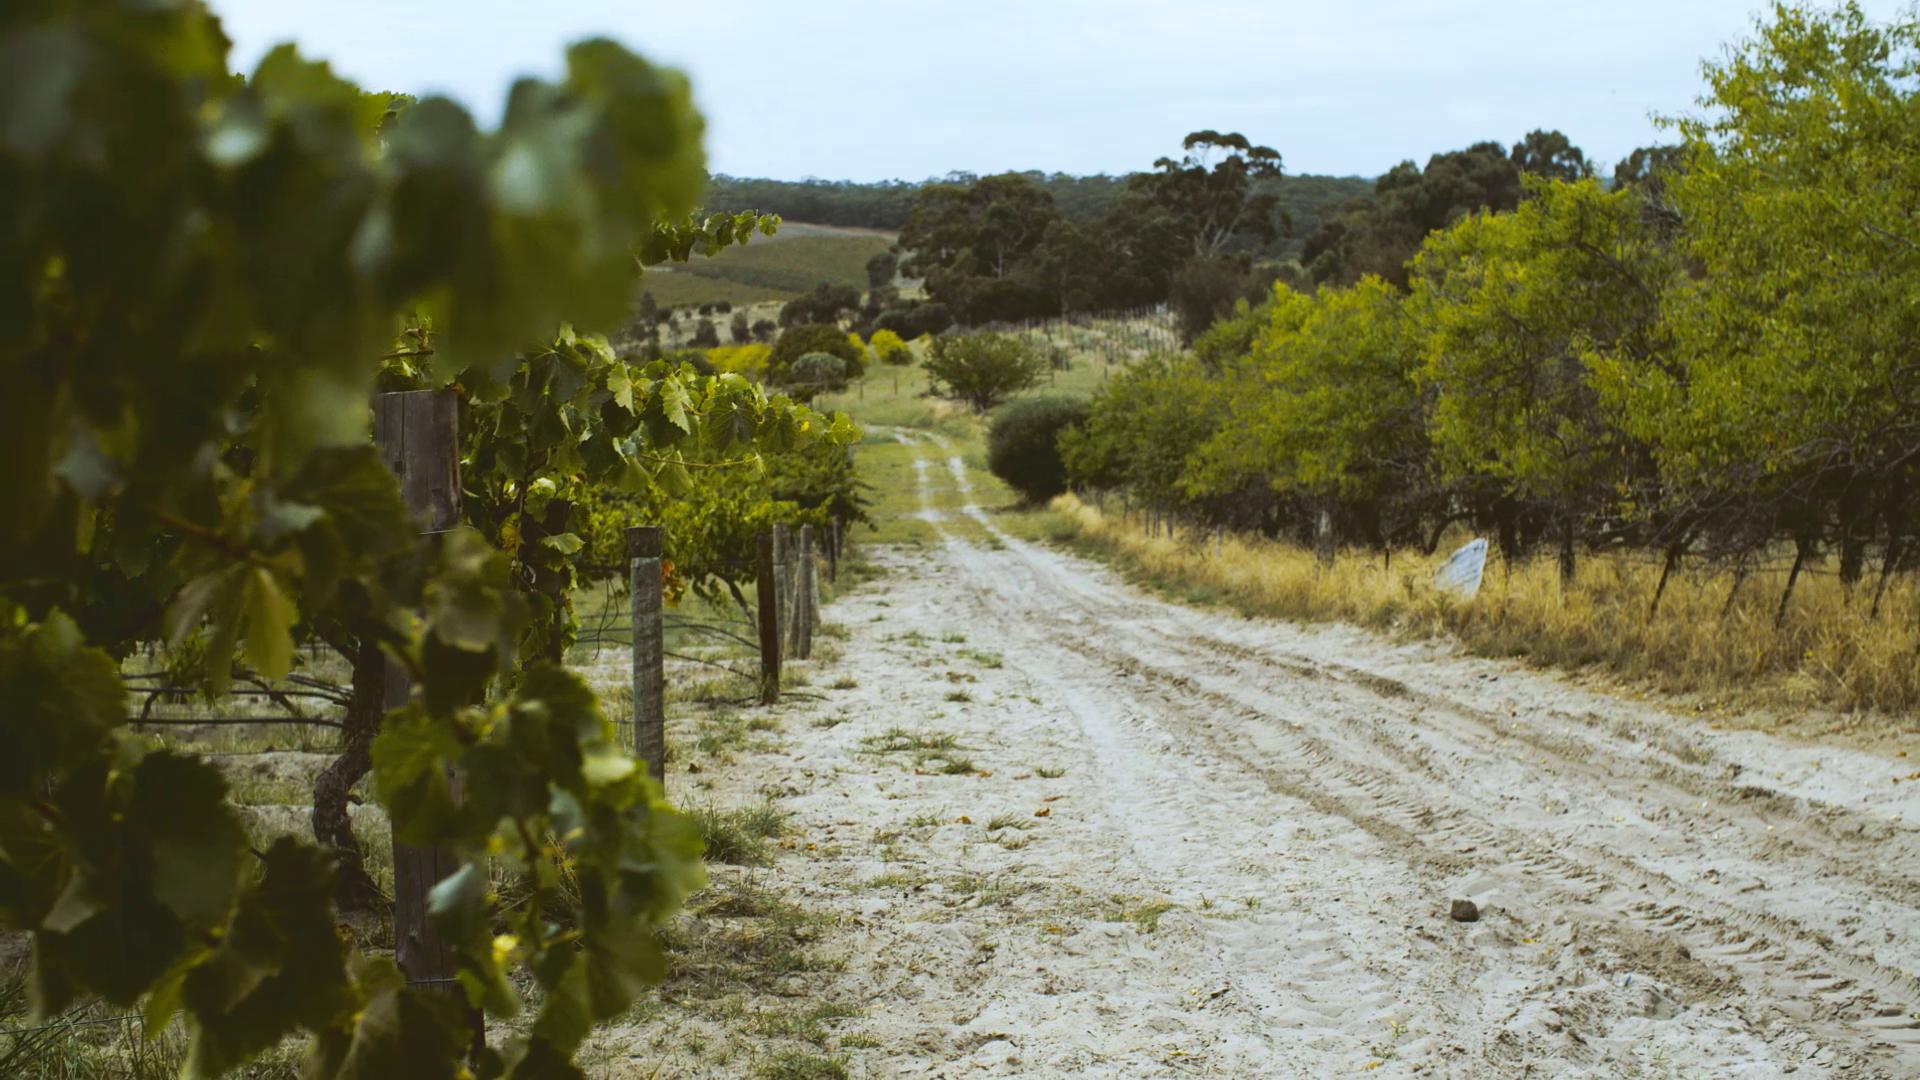 Ulithorne wineのDONA GSMが新しく入荷しました。